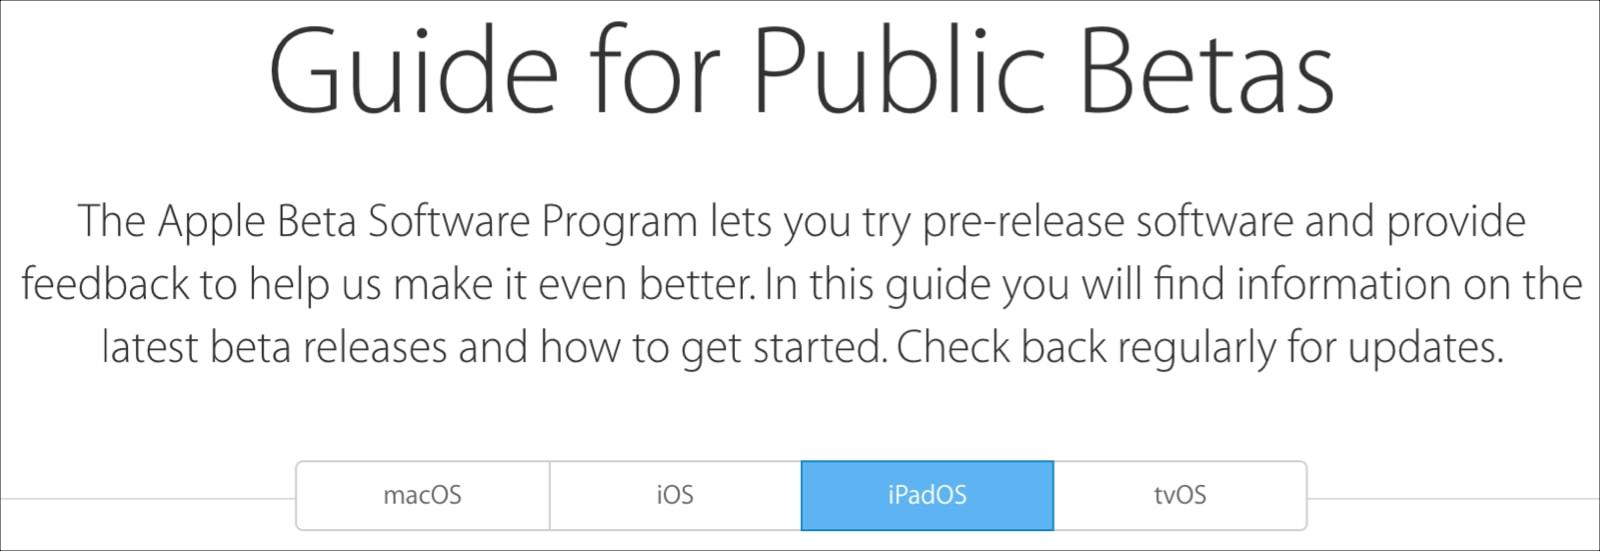 Guía de Apple para Betas Públicas